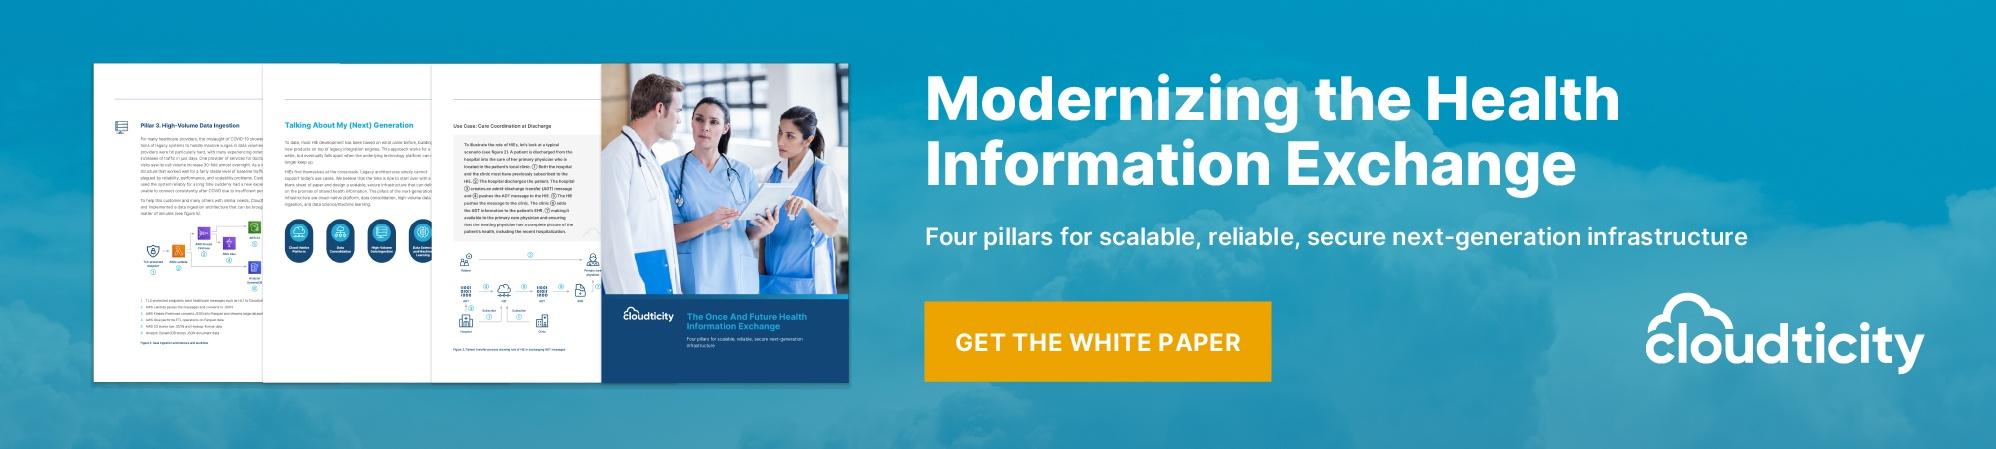 modernize-health-information-exchange-hie